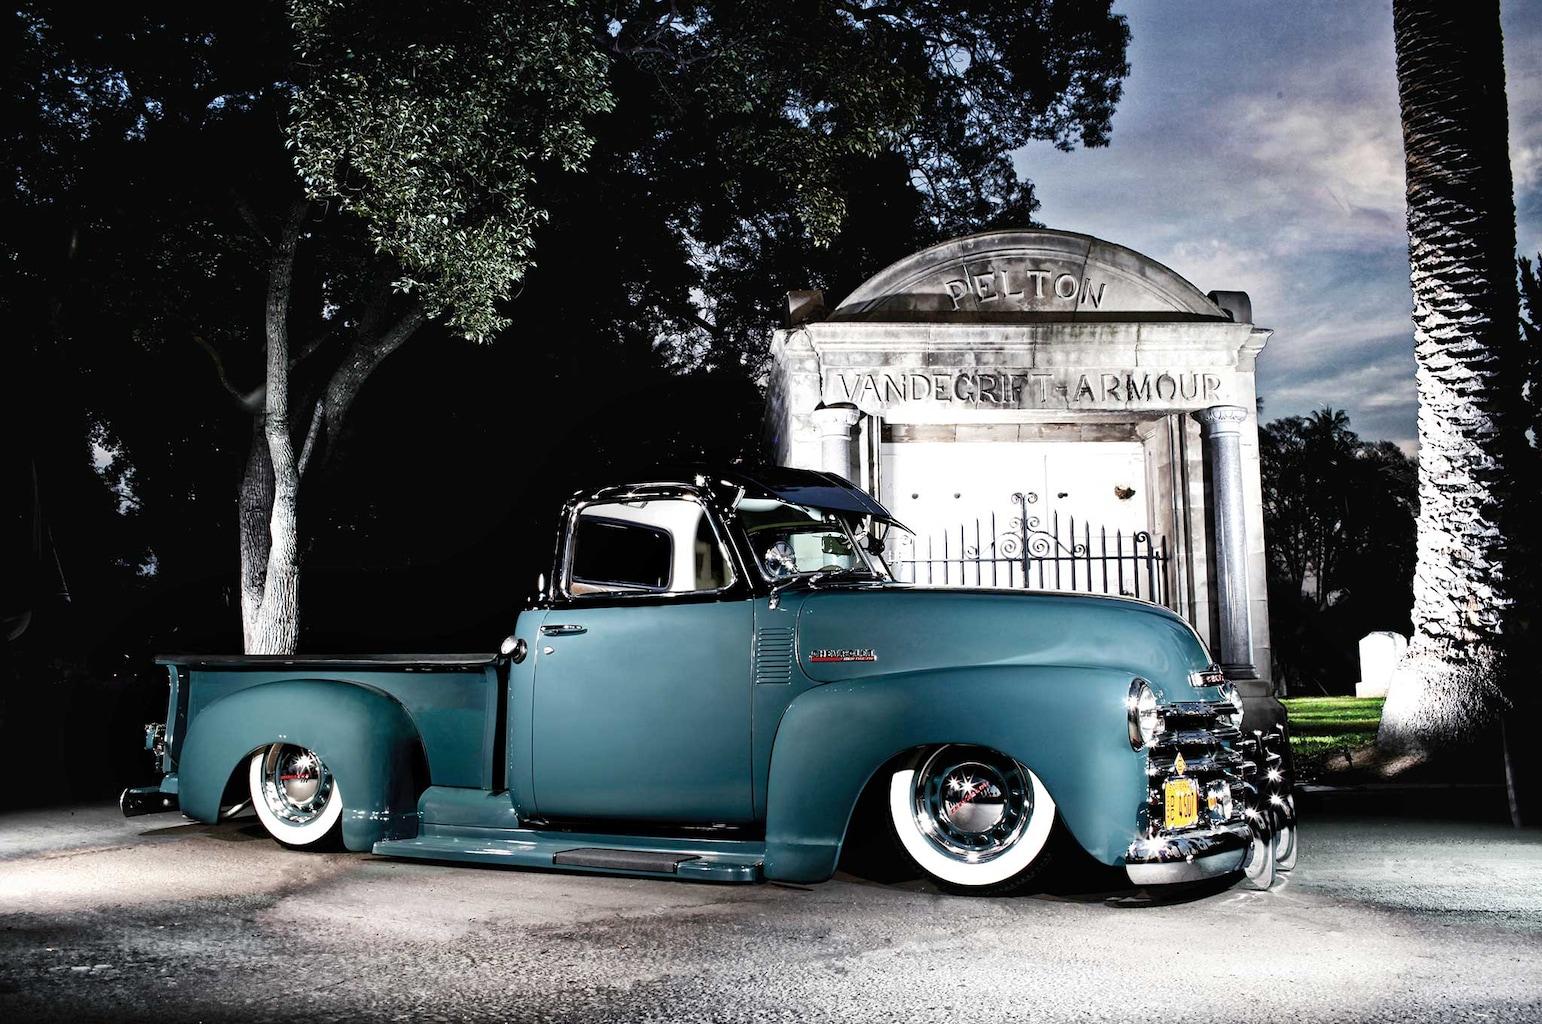 1949-chevrolet-pickup-passenger-side-profile